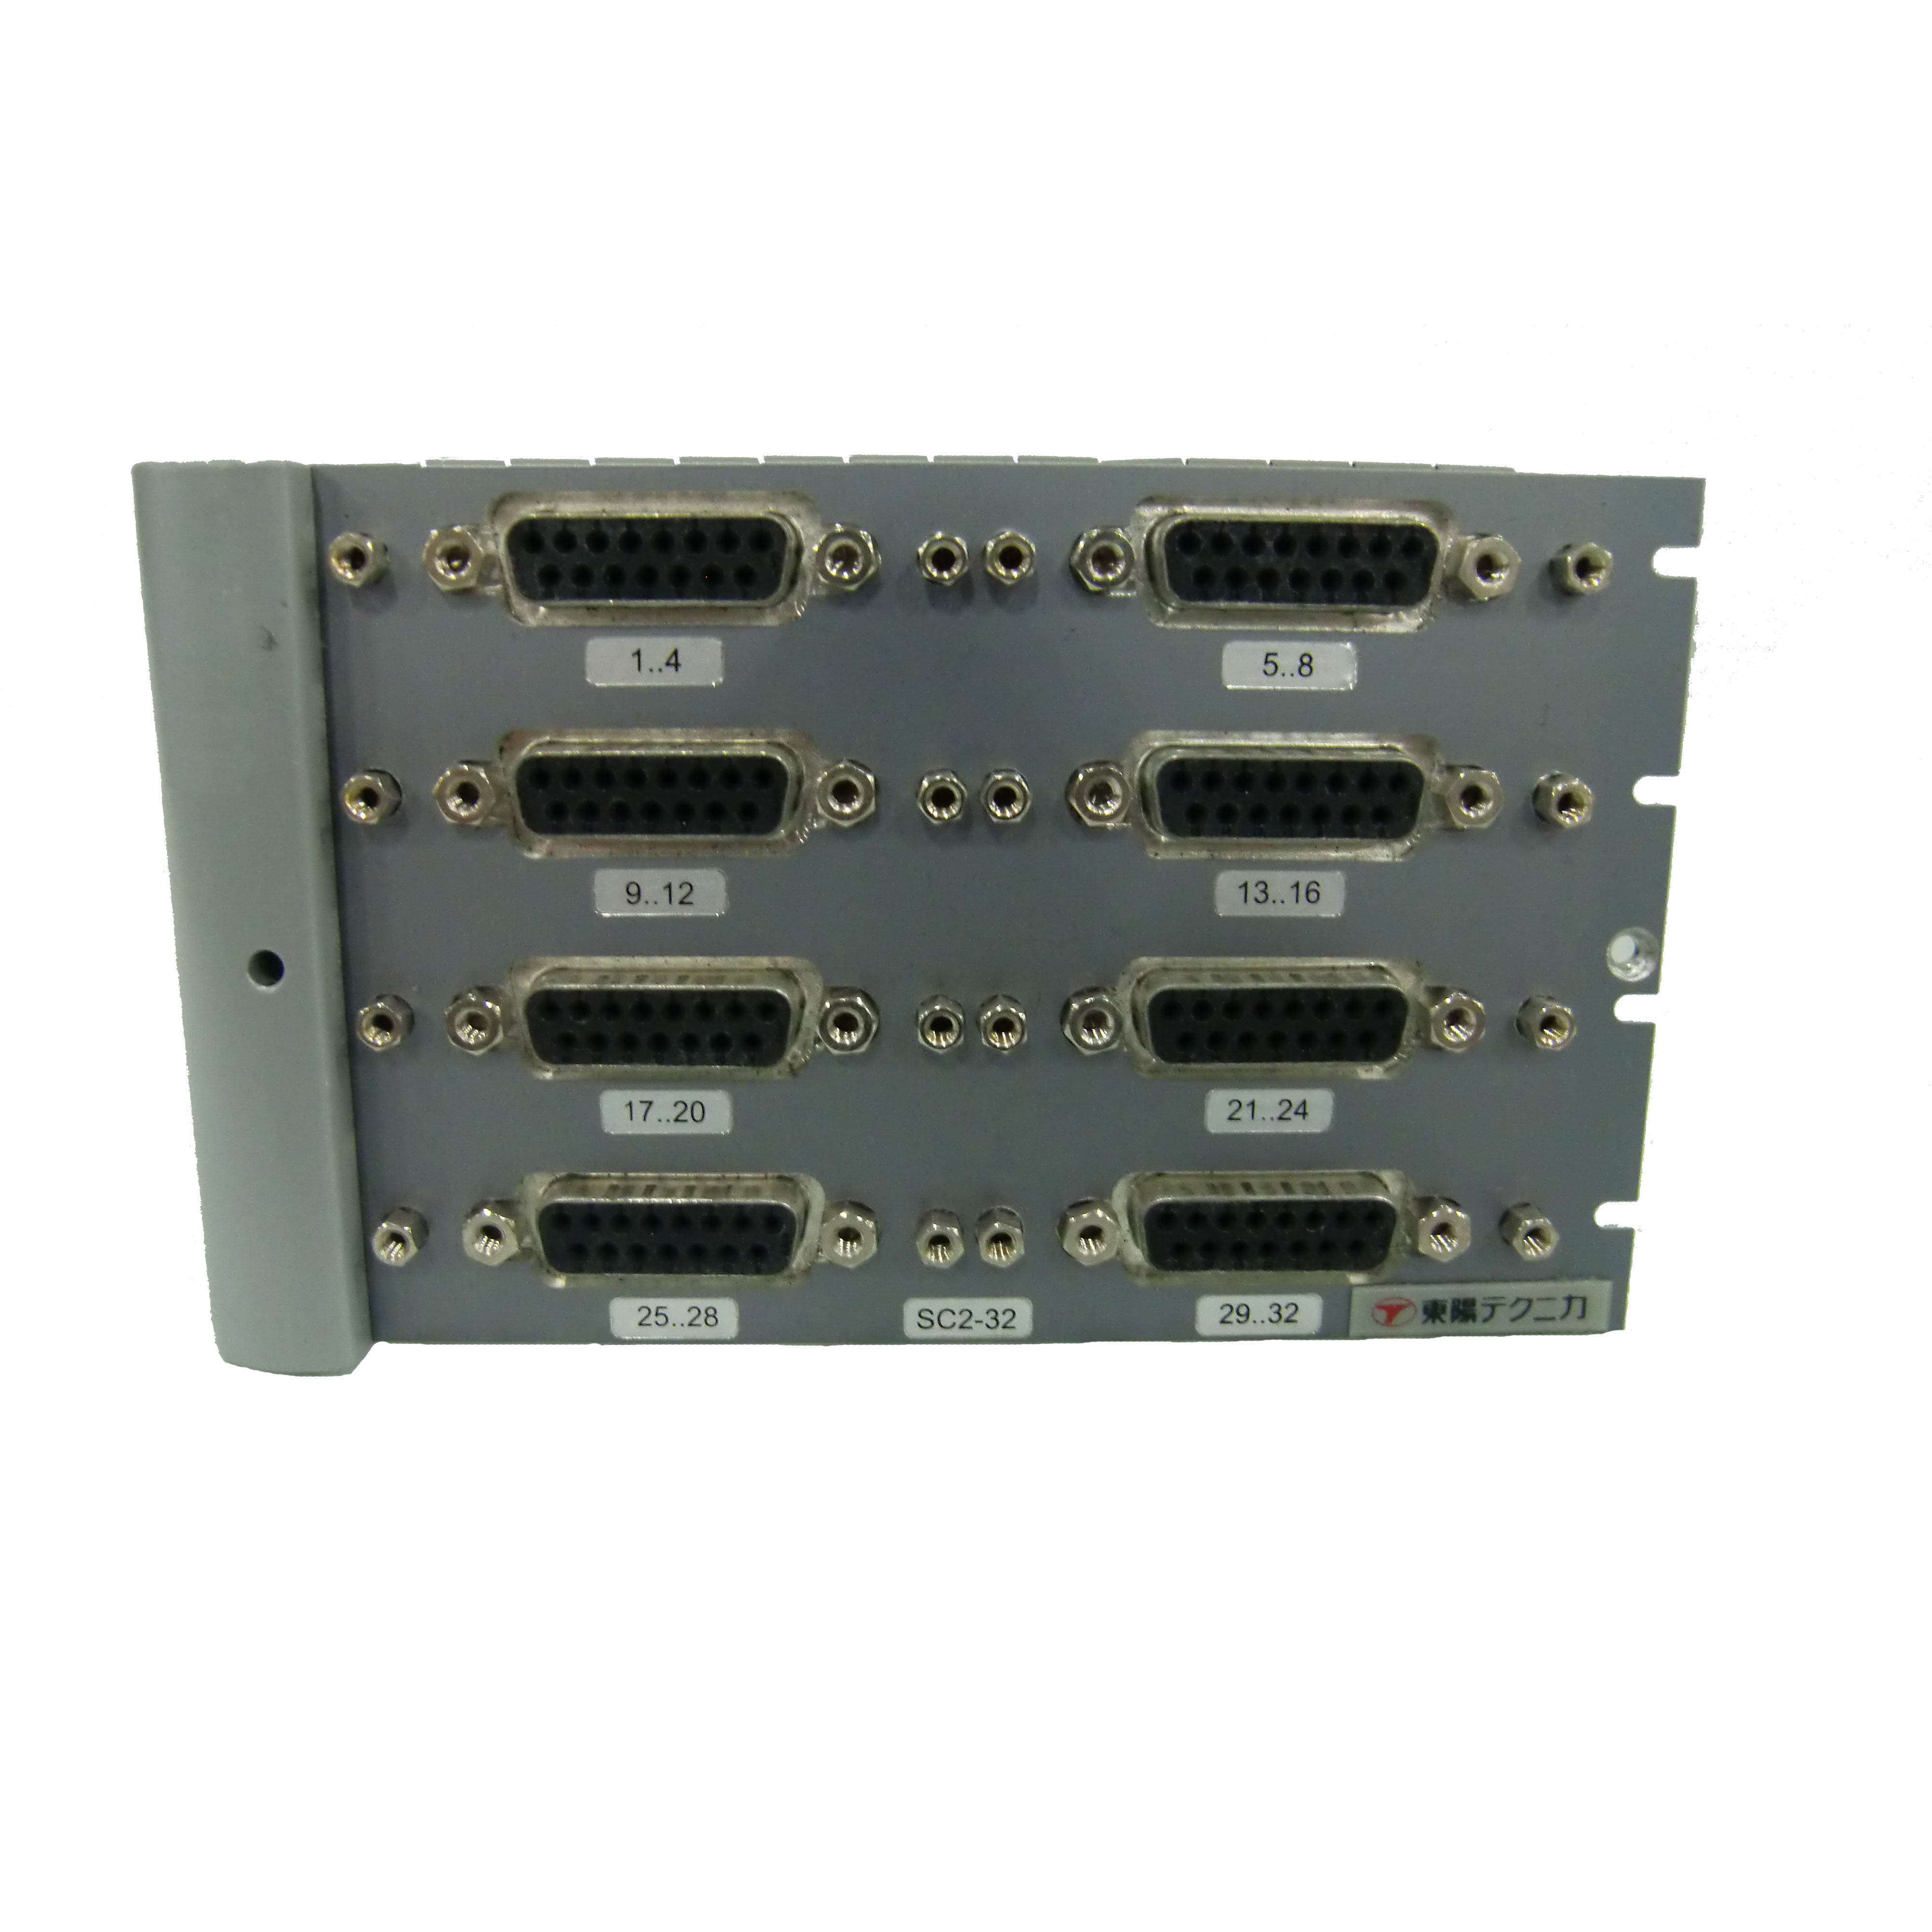 CRC/SC2-32,DS-G-V1-M-C-1.5×8 差動アンプモジュール